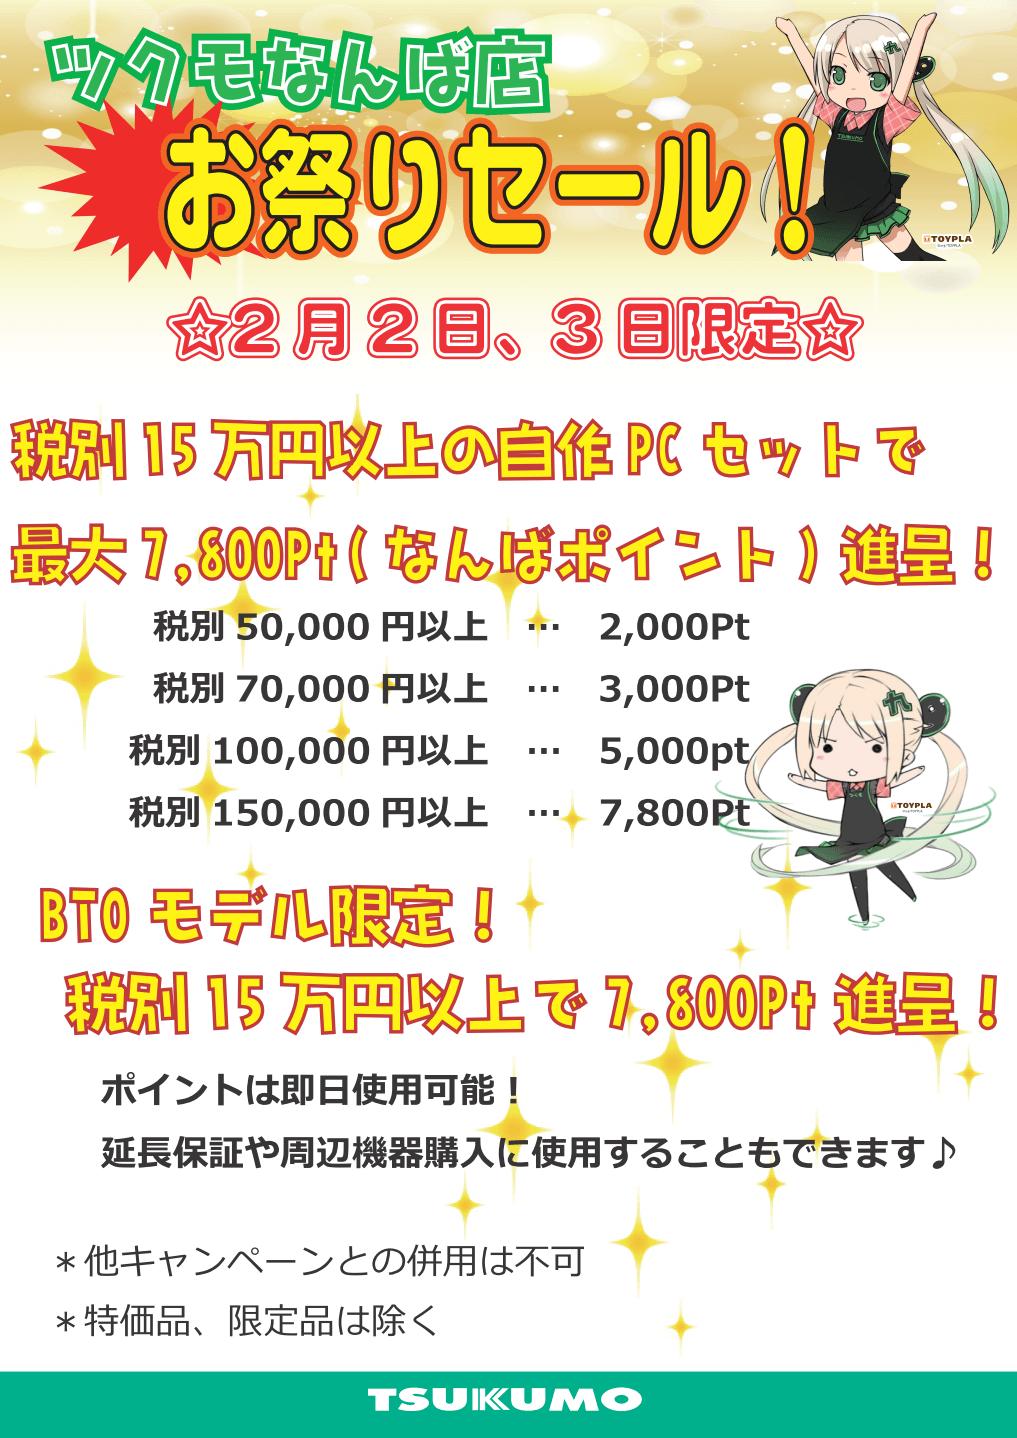 omatsuri190202-03.png